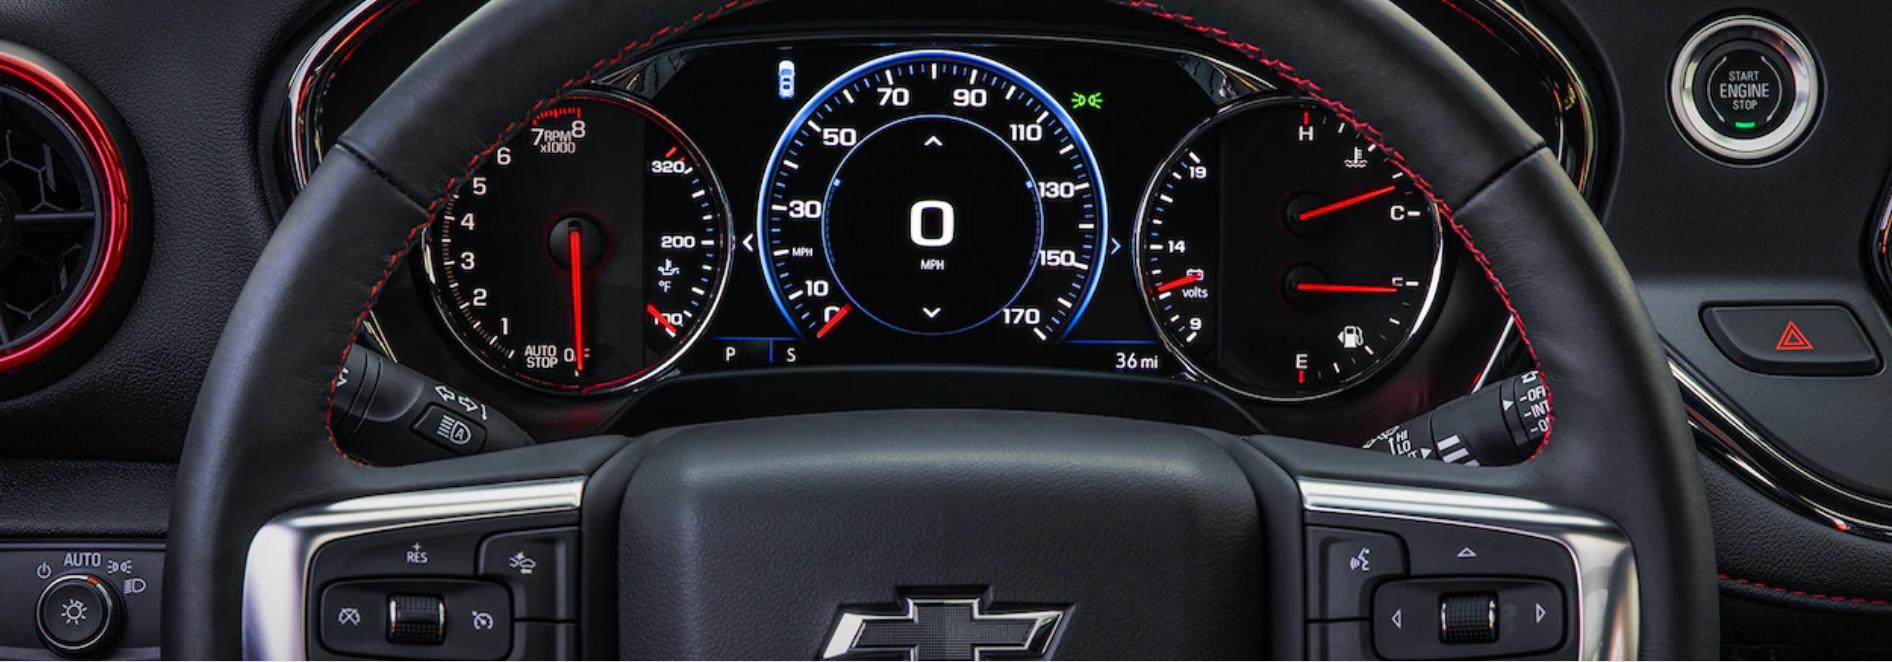 Anímate a subir de nivel.  La Chevrolet Blazer le ofrece a tus viajes un inigualable sentido de confort.